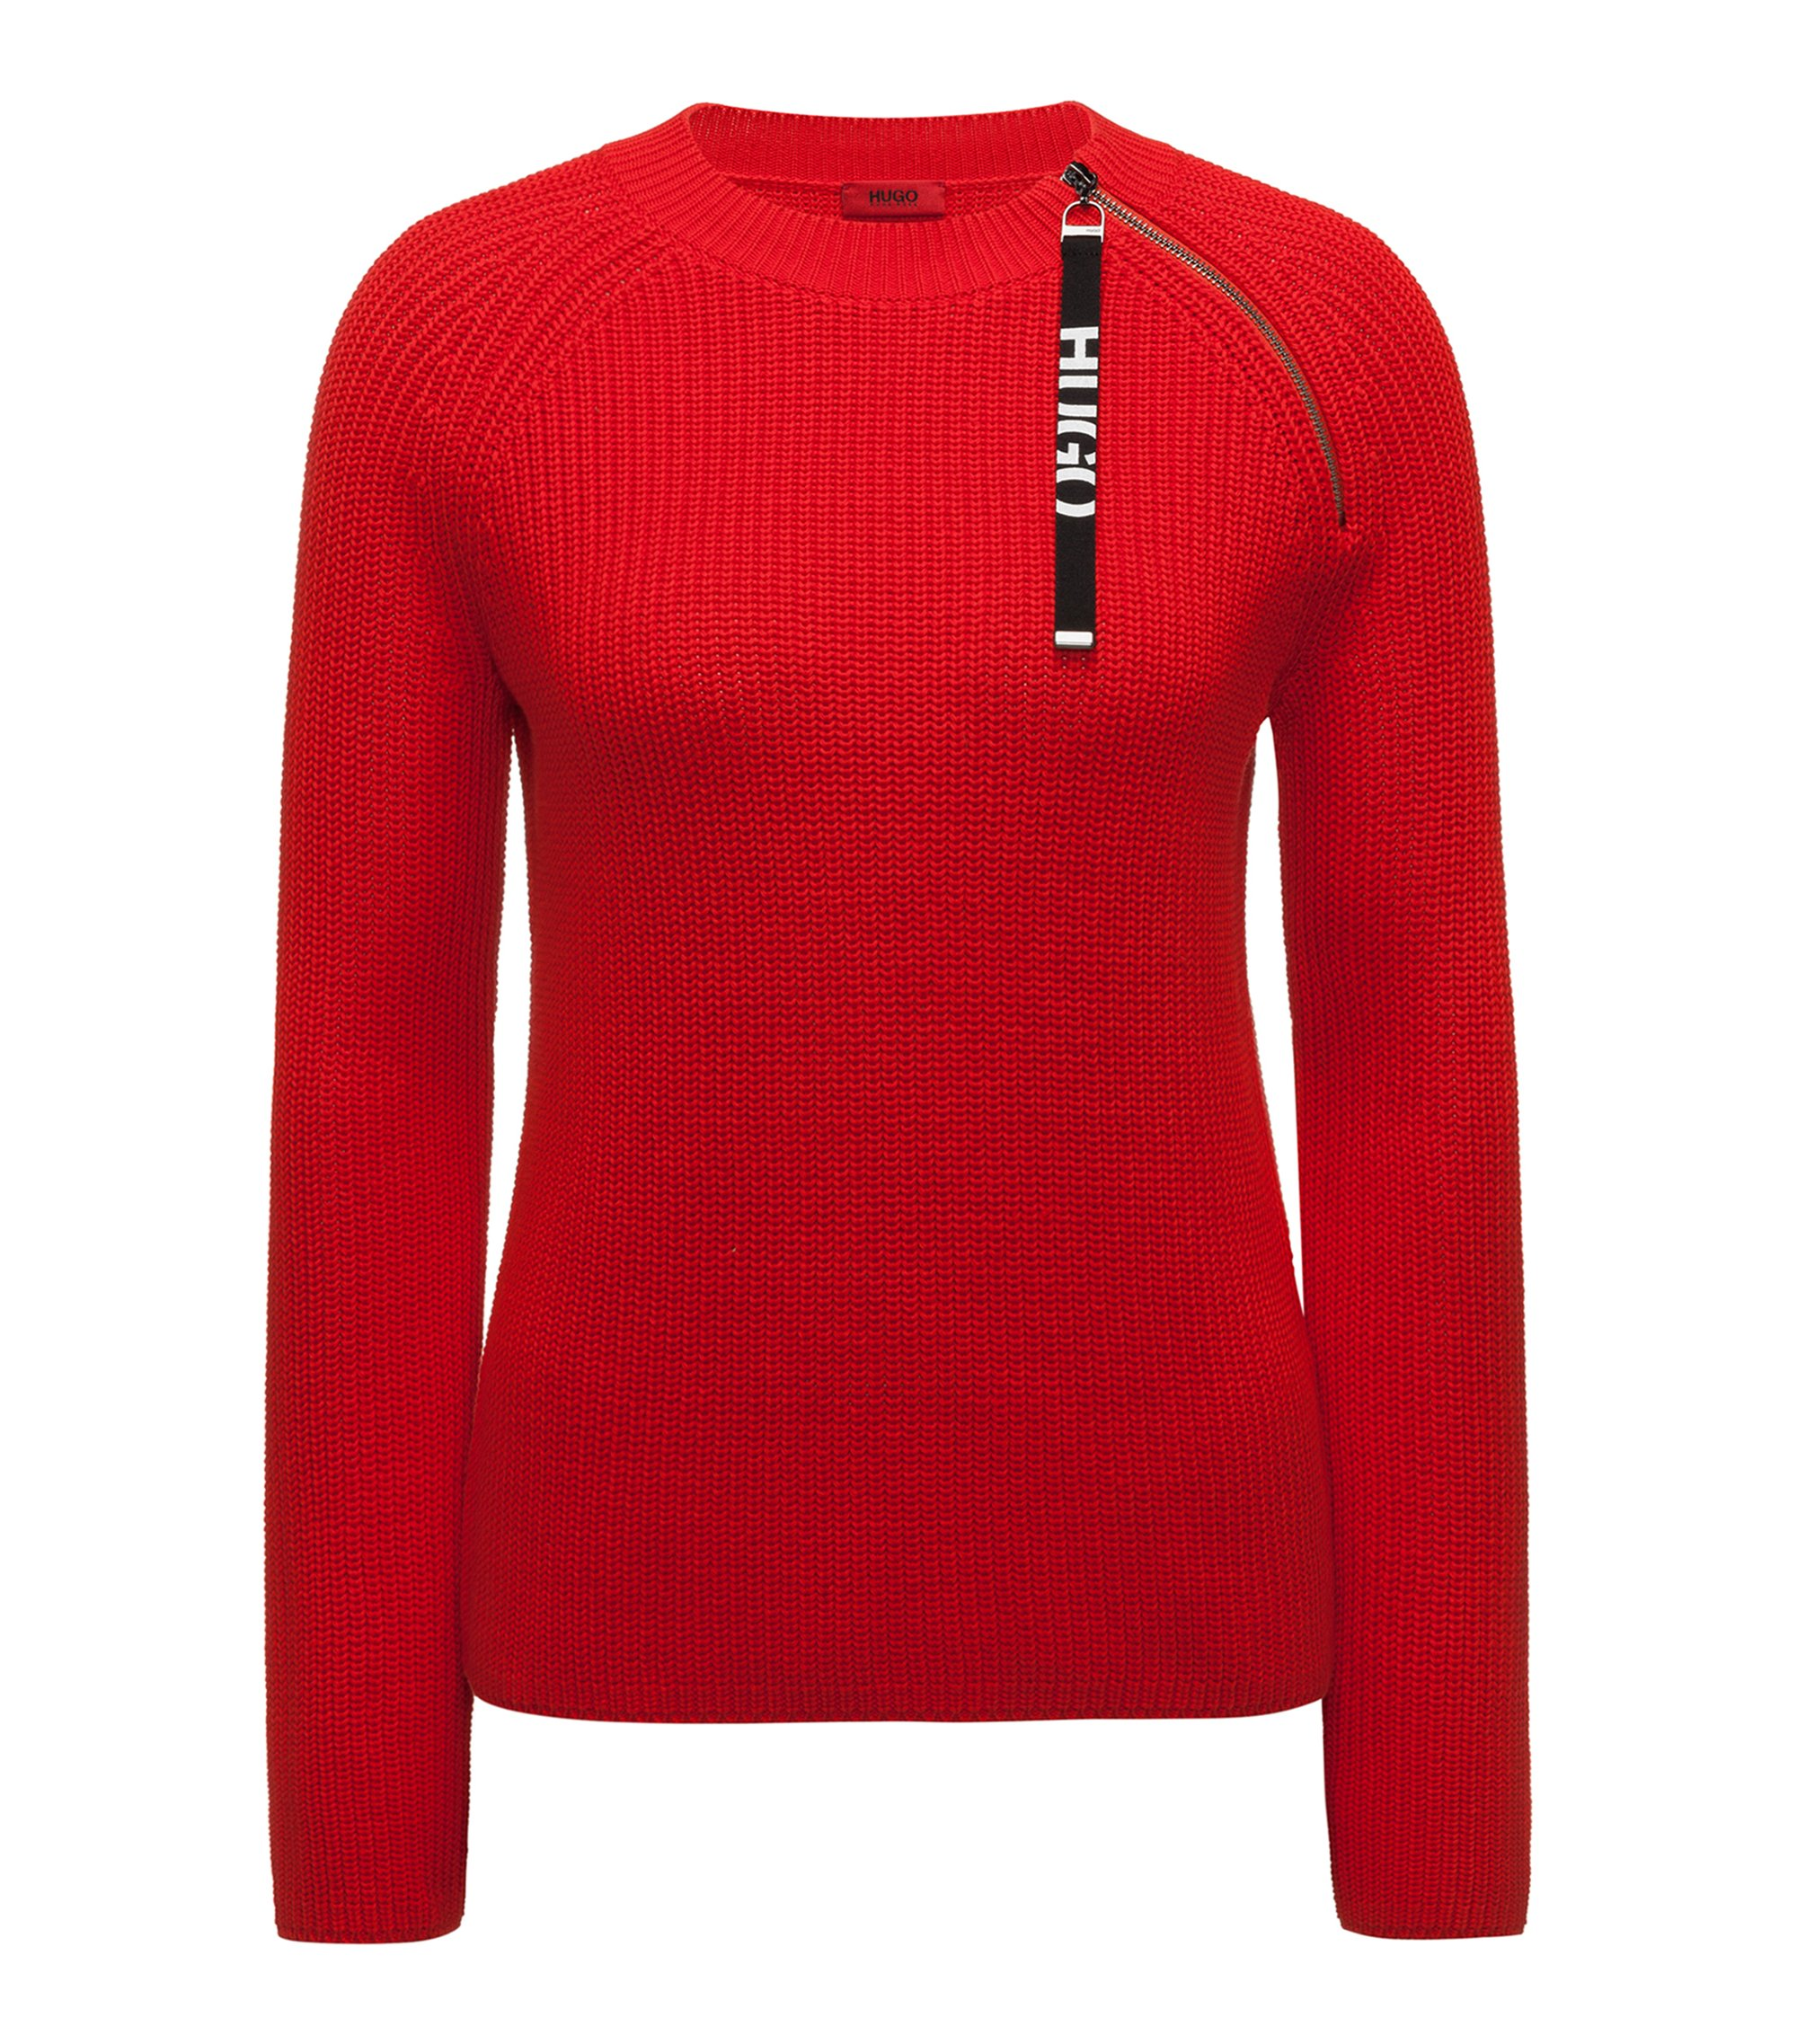 Pull en coton avec bande logo et fermeture éclair prise dans la couture, Rouge